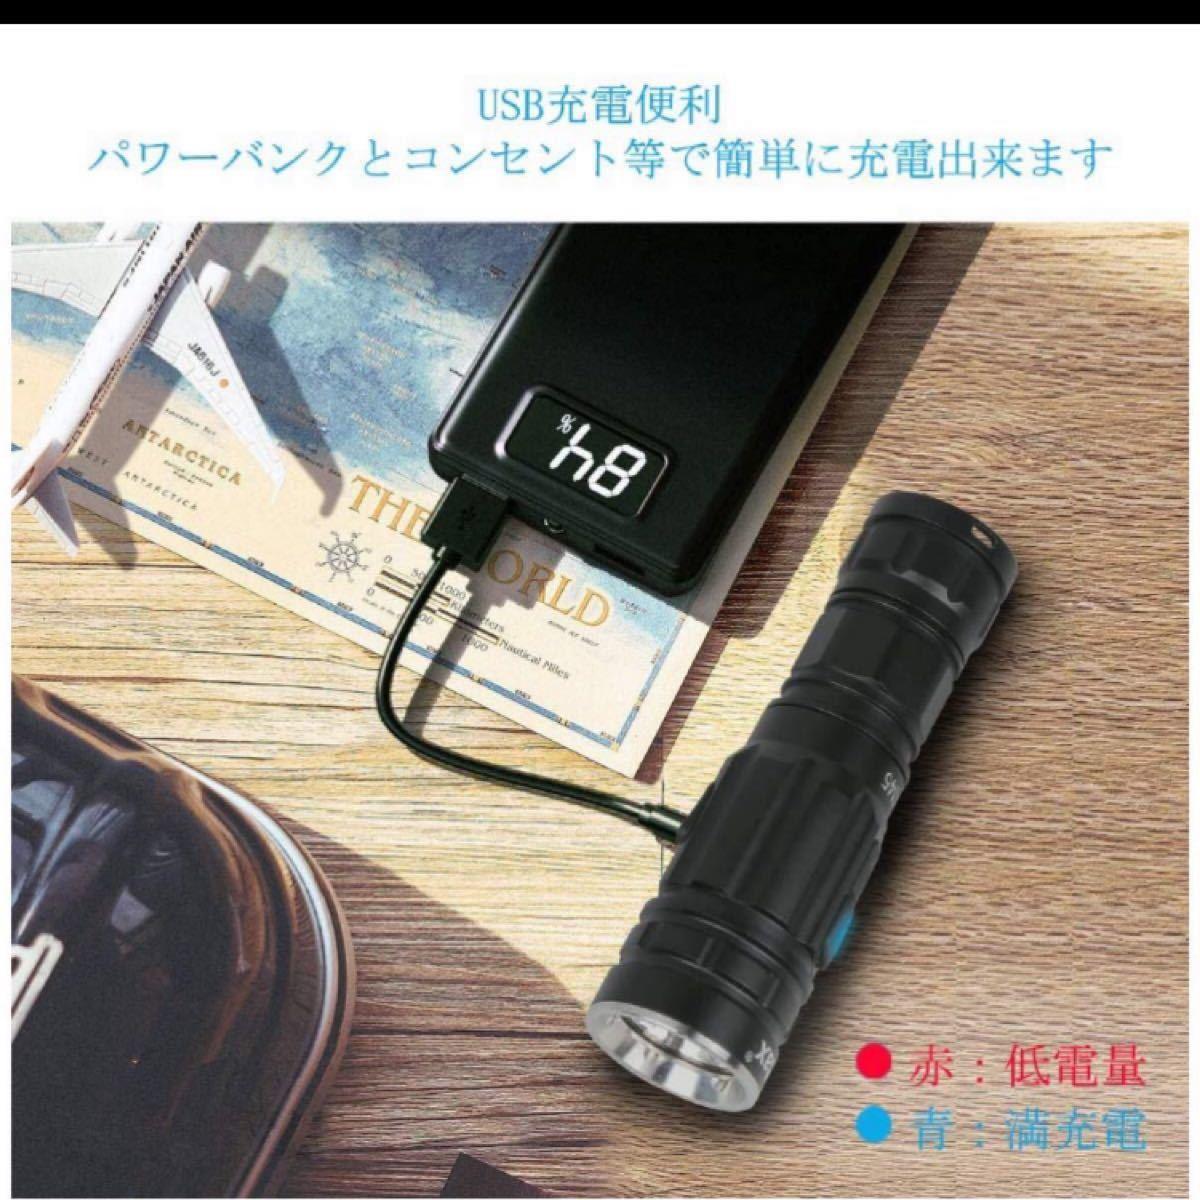 懐中電灯  USB充電式 超高輝度 小型 軽量 強力 ハンディライト IPX7 防水 7モード調光可能 SOS 点滅 停電 防災